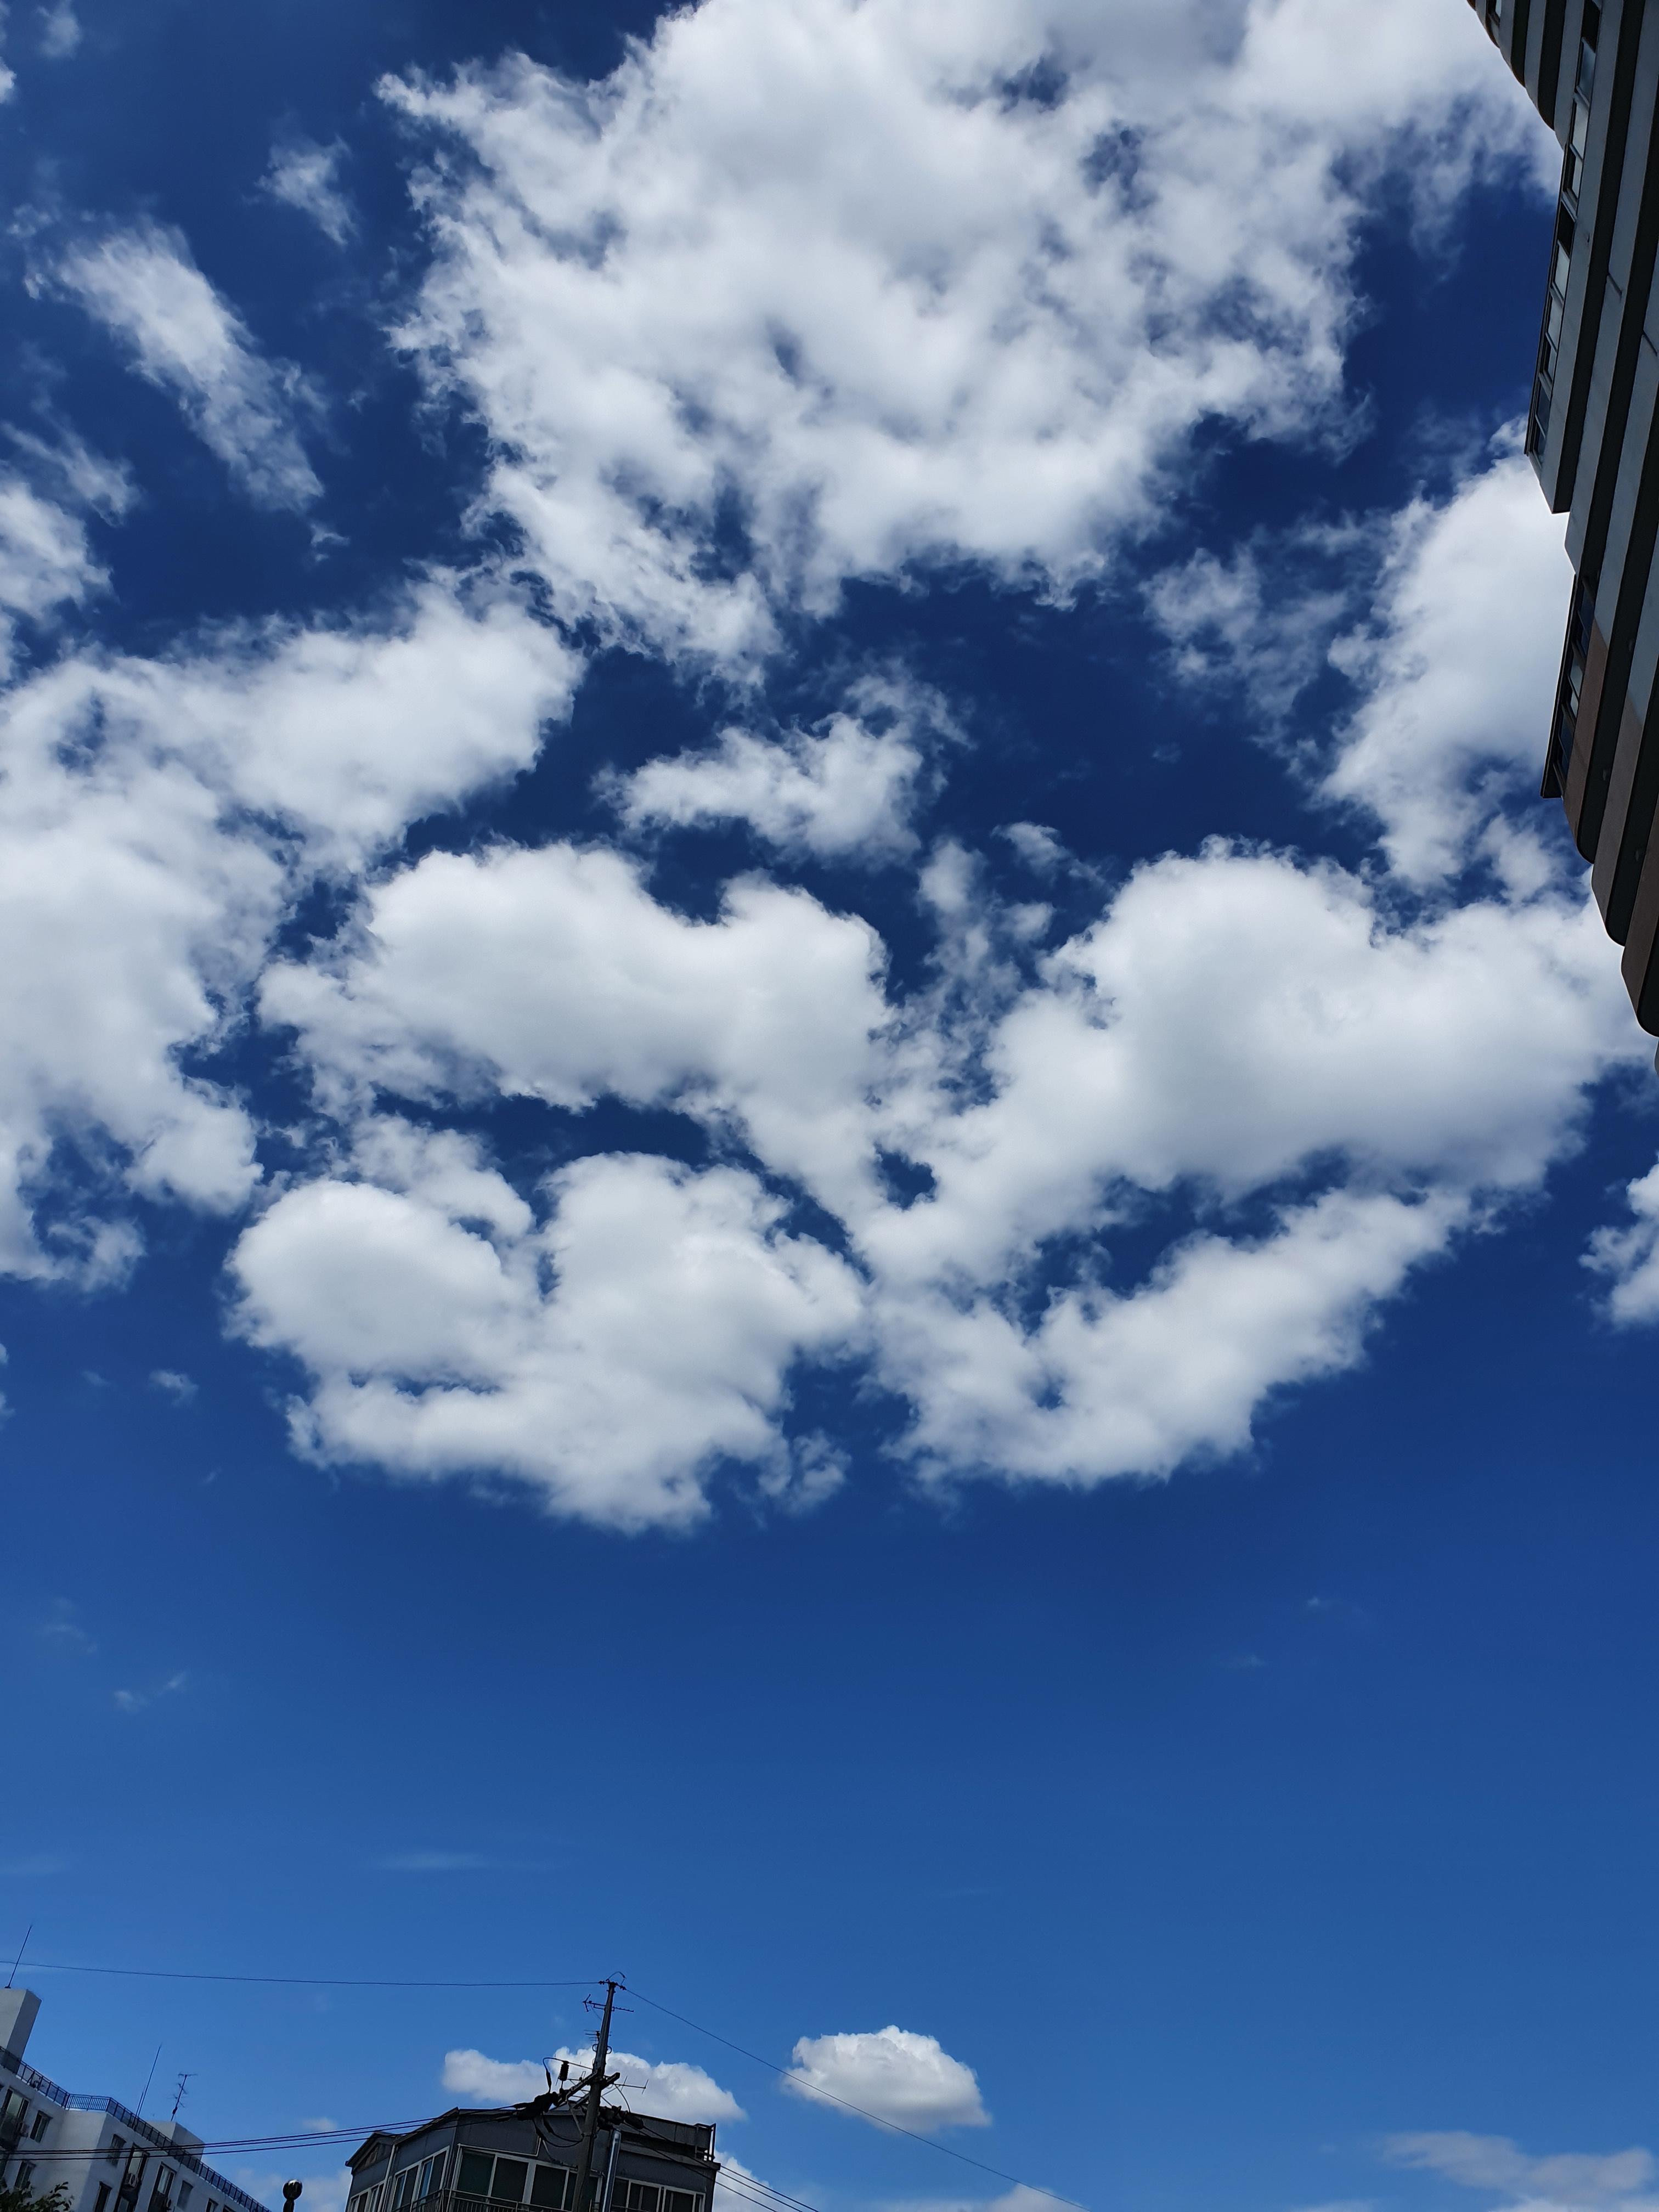 초가을 하늘만큼 파란.. 하늘